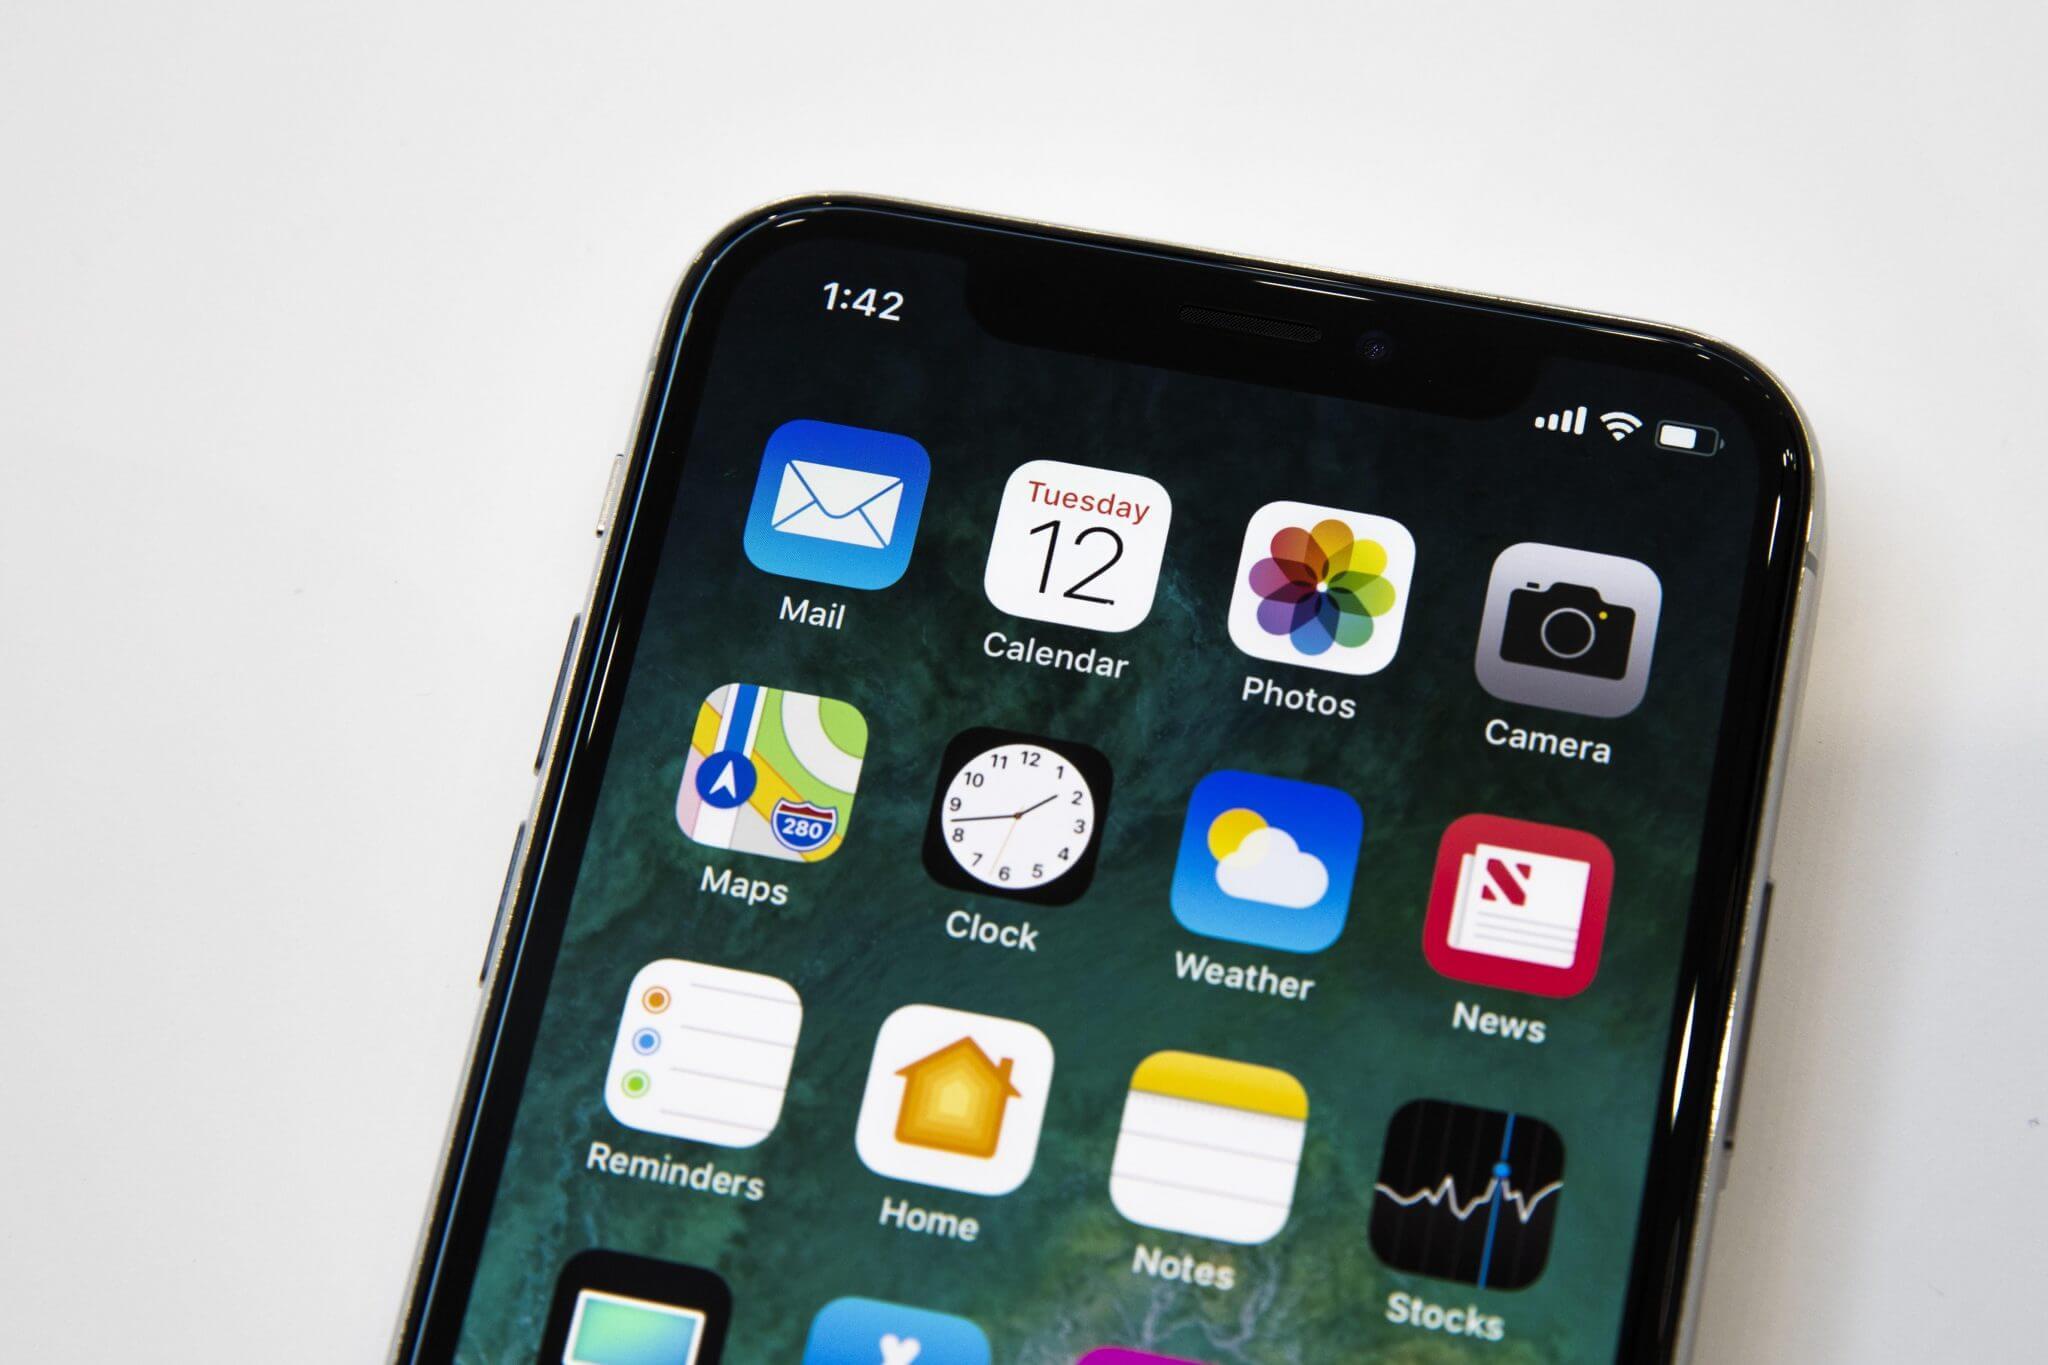 apple 091217 iphone x 4120 - A tela OLED do iPhone X é a melhor já testada pelo DisplayMate